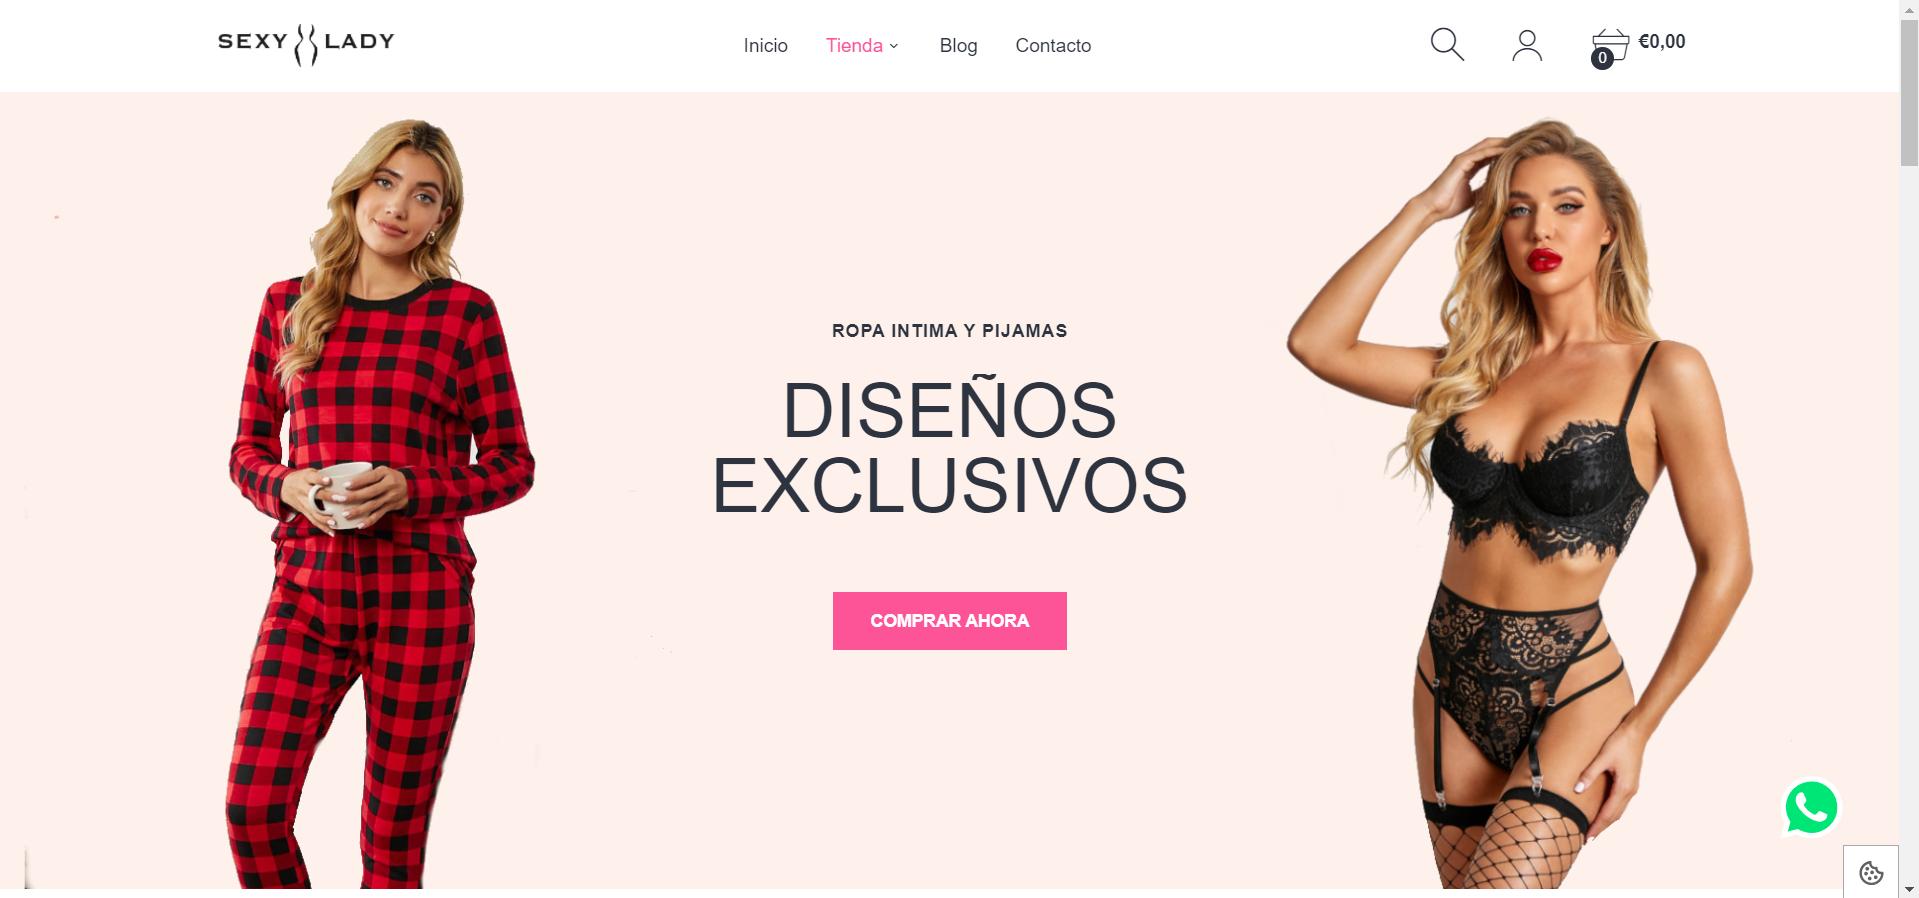 pagina web SexyLady